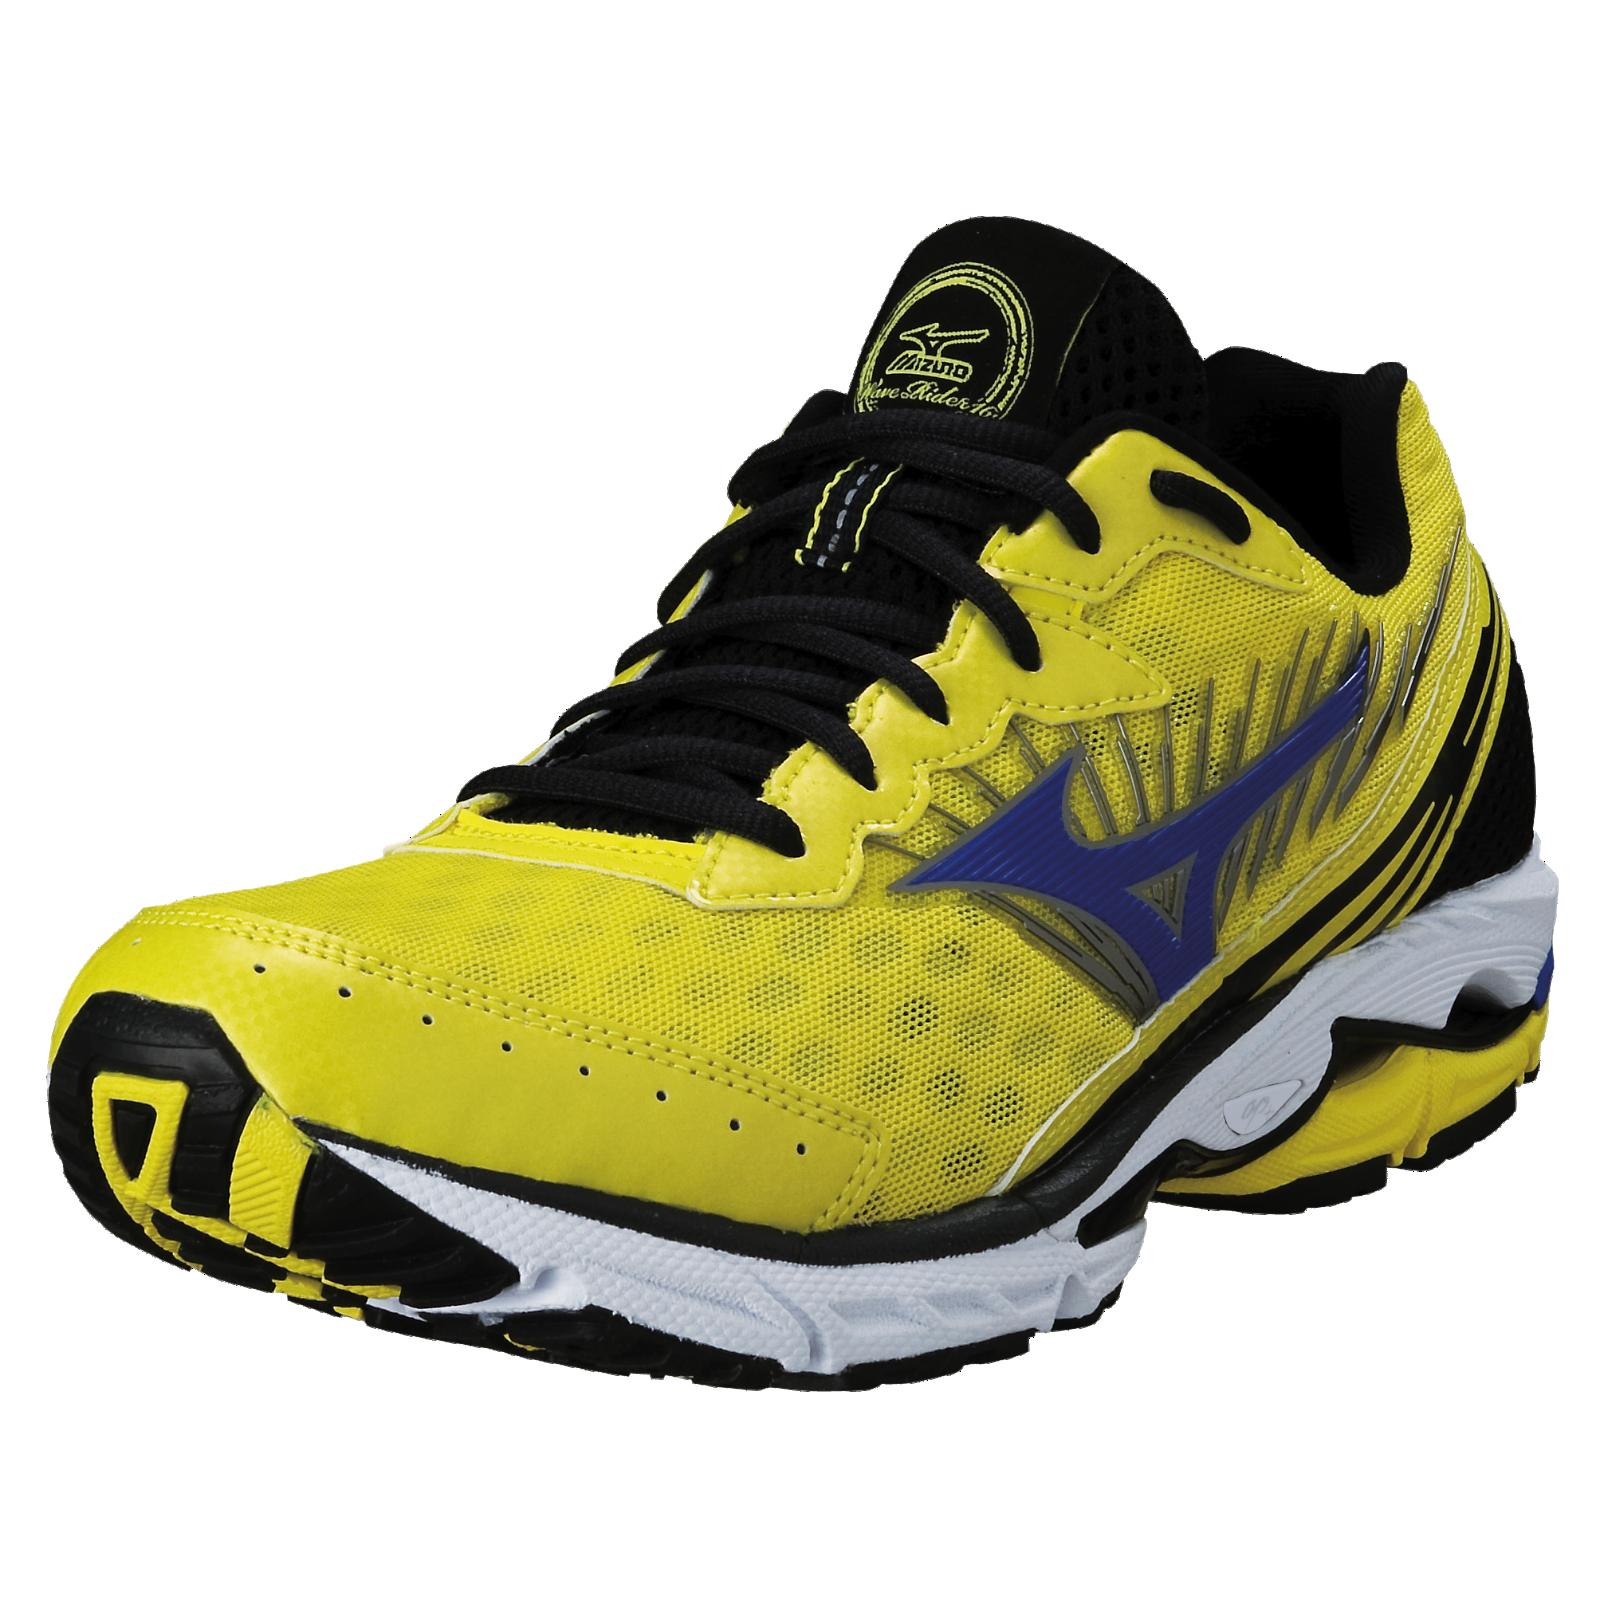 Mizuno Running shoes PNG image